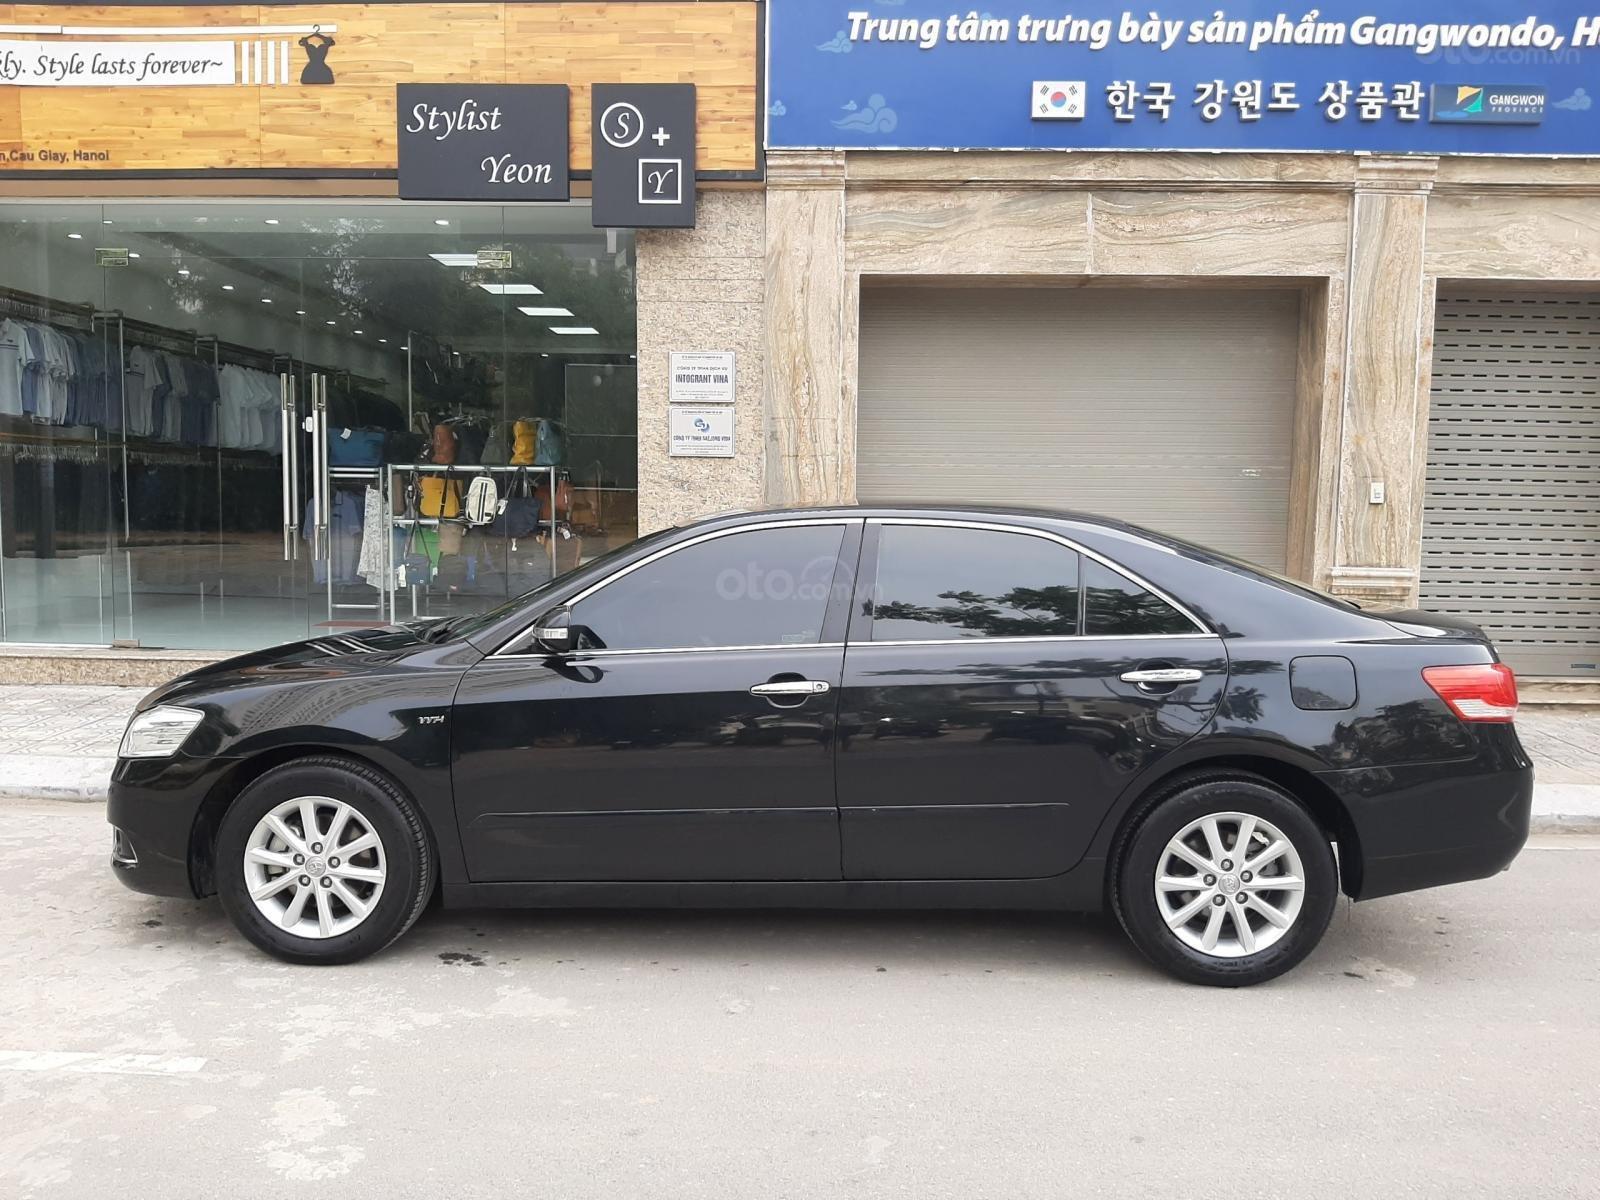 Bán Toyota Camry 2.4G sản xuất năm 2010, màu đen số tự động, 615 triệu (8)